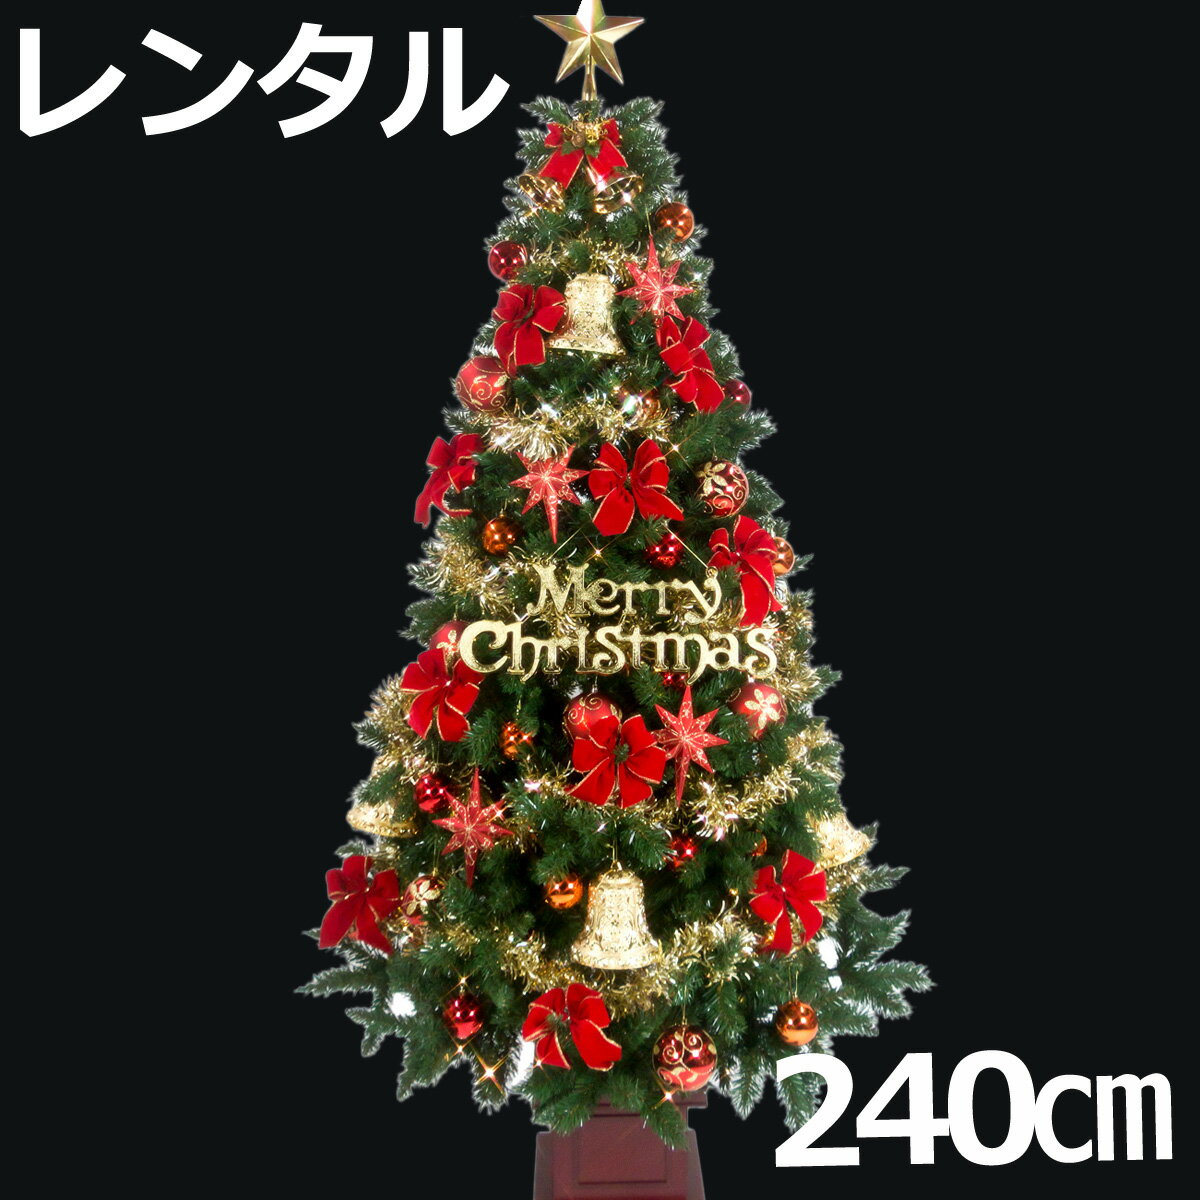 【レンタル】 クリスマスツリー セット 240cm 木製ポット付 レッド&ゴールド 【往復 送料無料】 クリスマスツリー レンタル fy16REN07